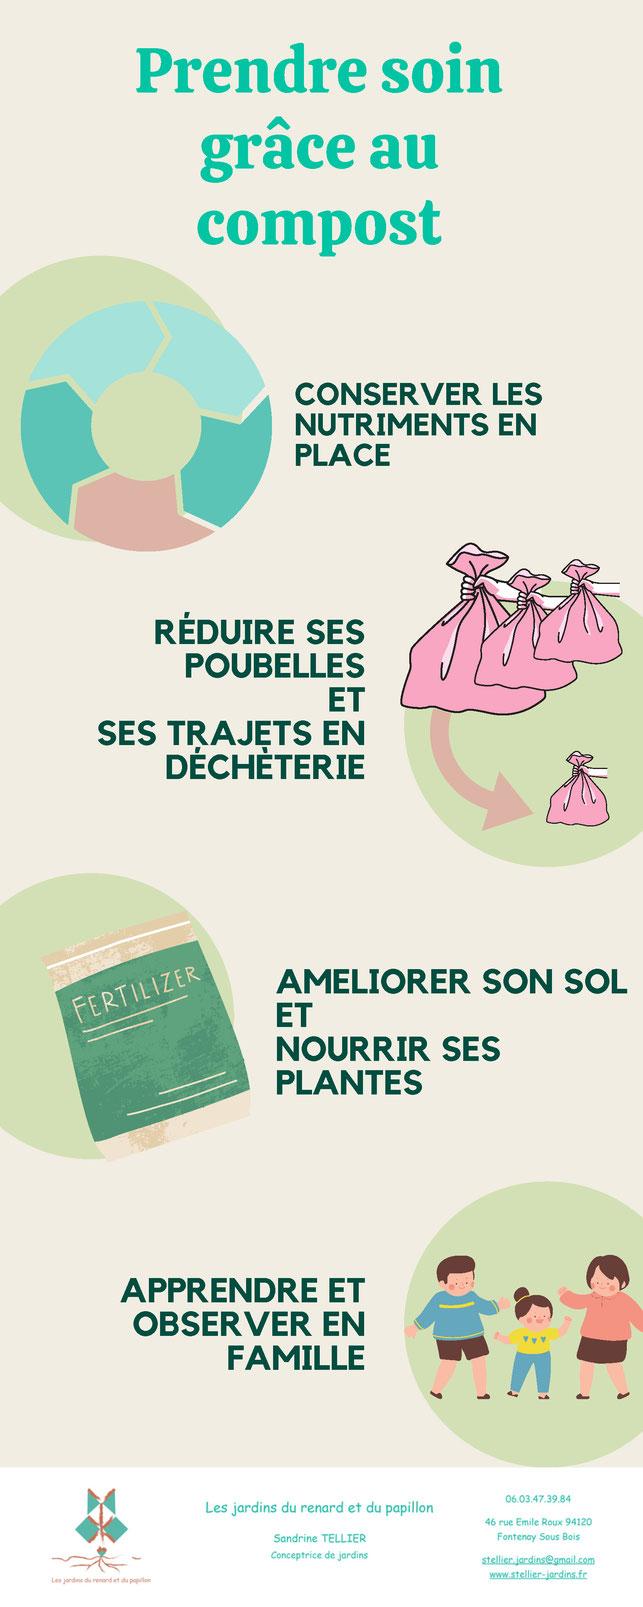 Comment faire du compost - Prendre soin grâce au compost